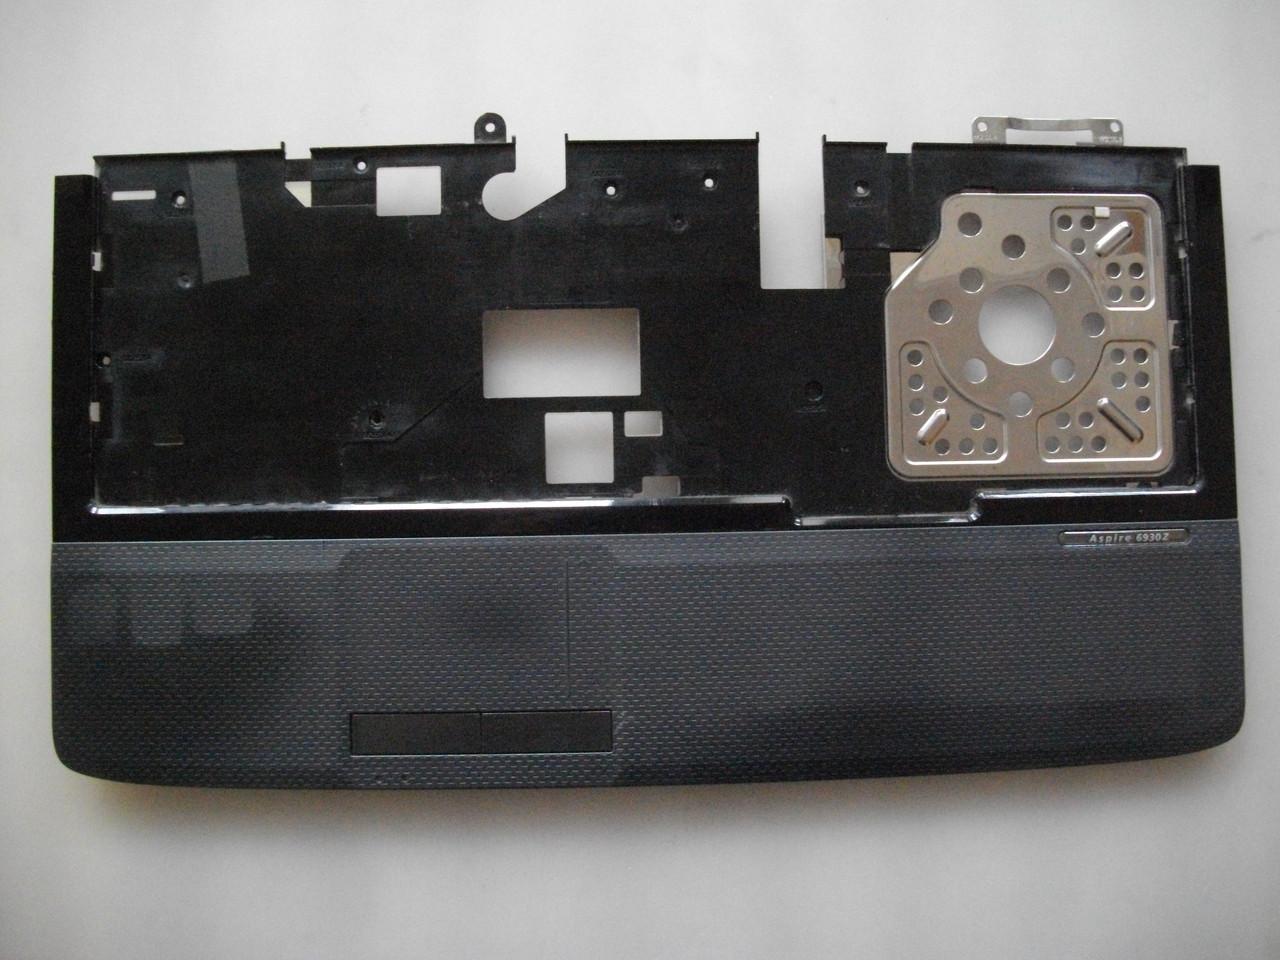 Корпус. Каркас Средняя часть, верхняя часть корпуса с тачпадом Acer 6930, 6930Z бу